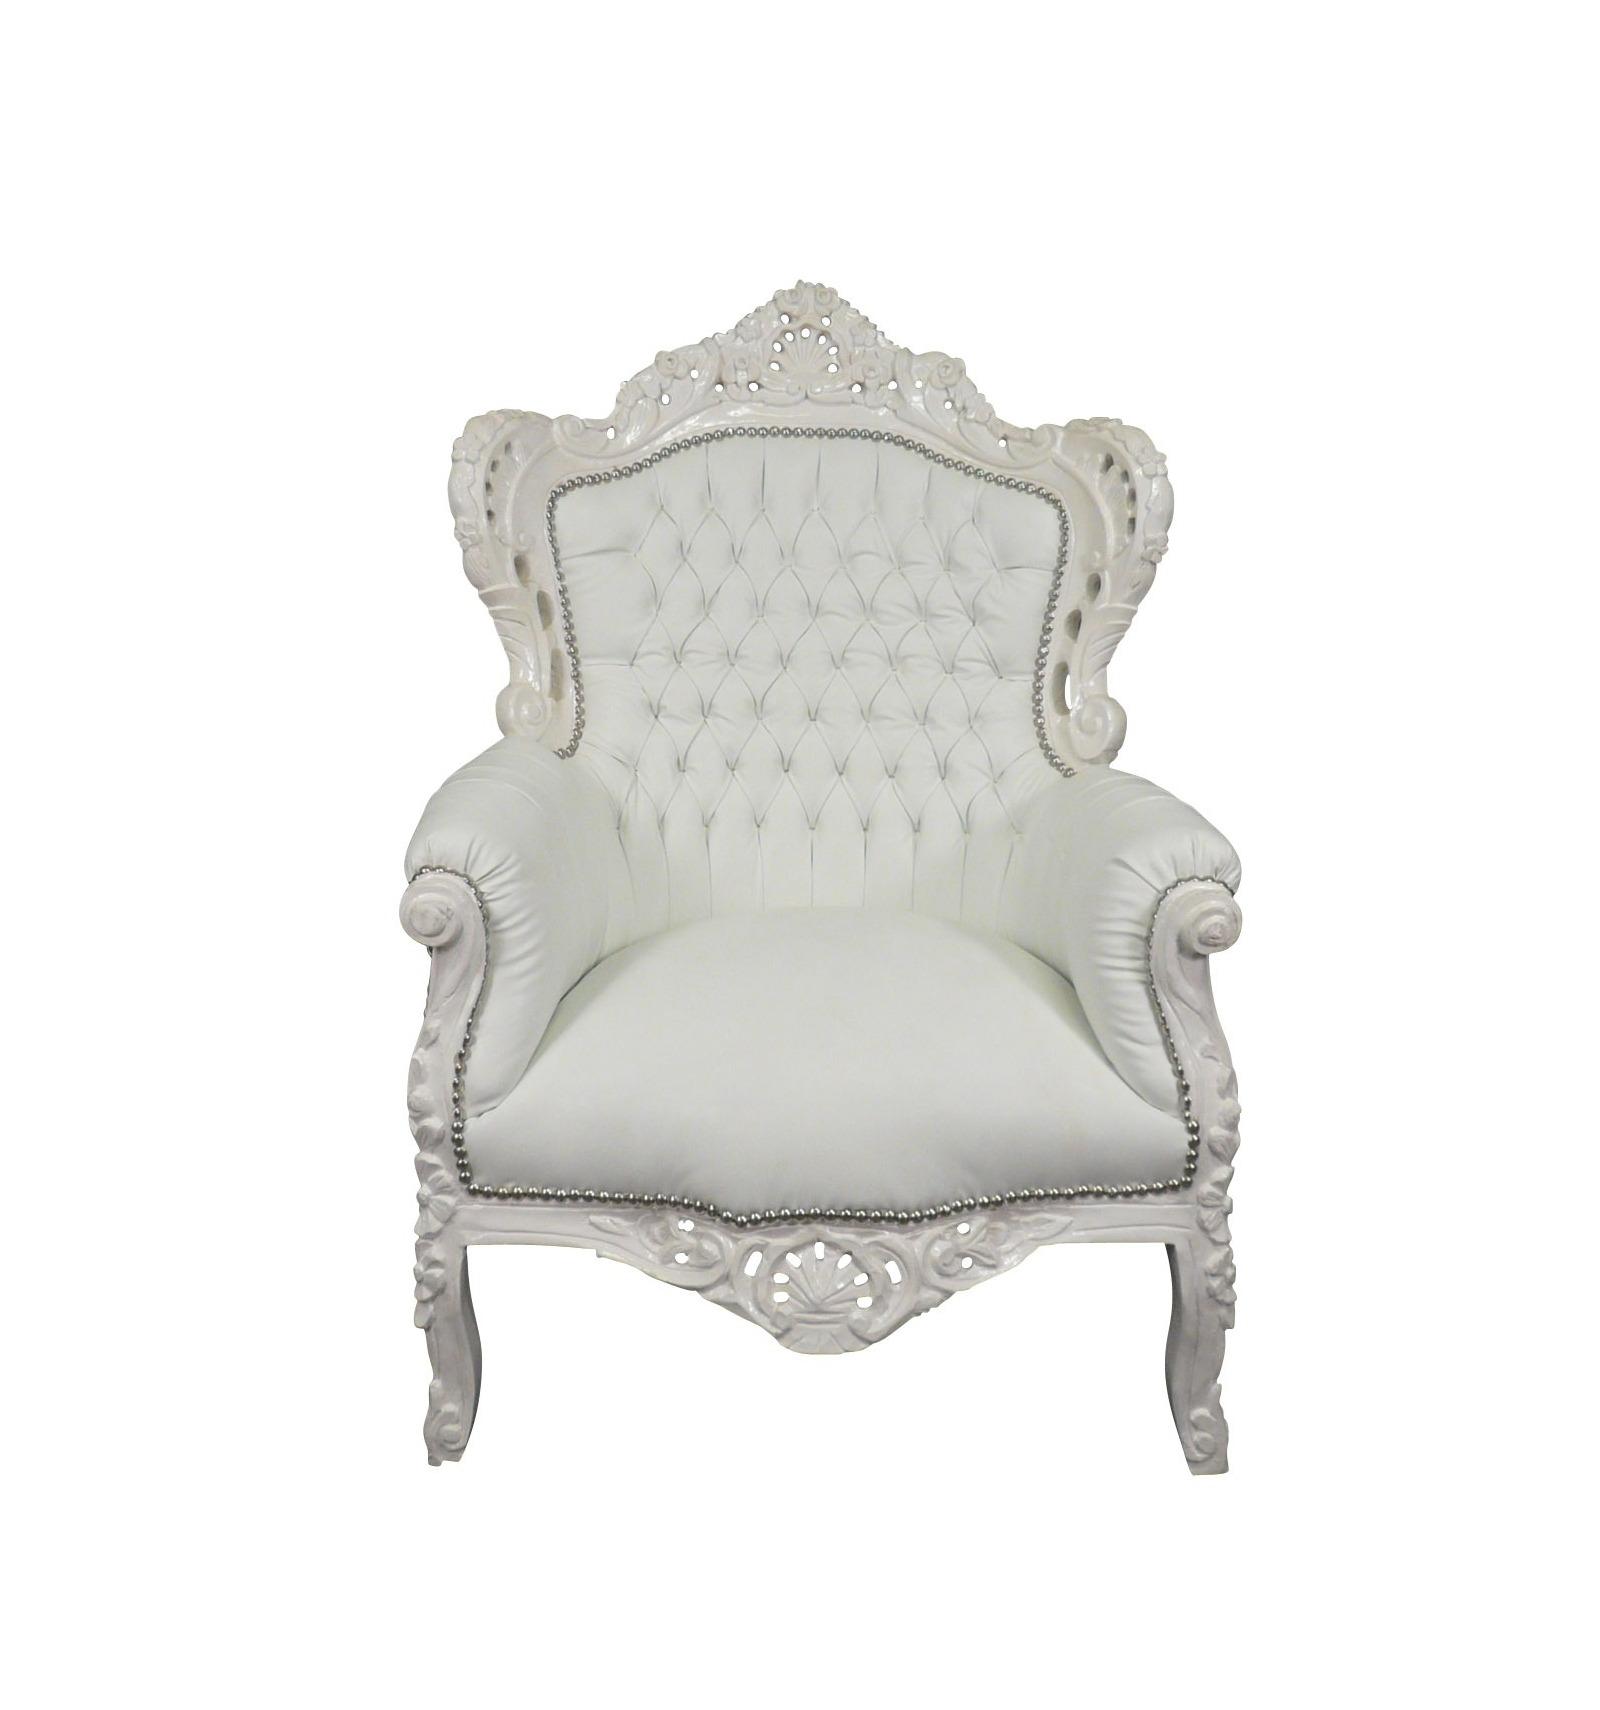 Bianco barocco mobili poltrona per uno stile moderno ed - Mobili stile barocco moderno ...